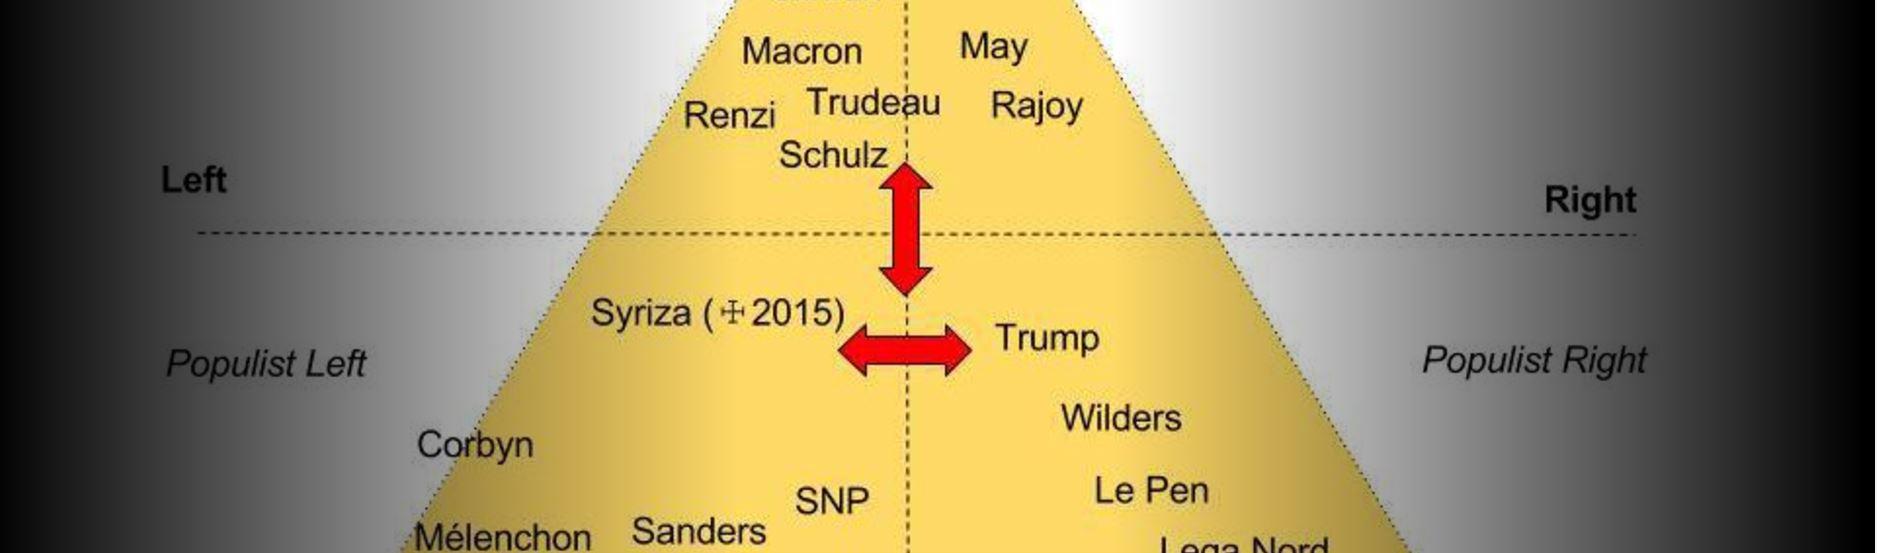 Cosmopoliti contro nazionalisti, la nuova metafora politica